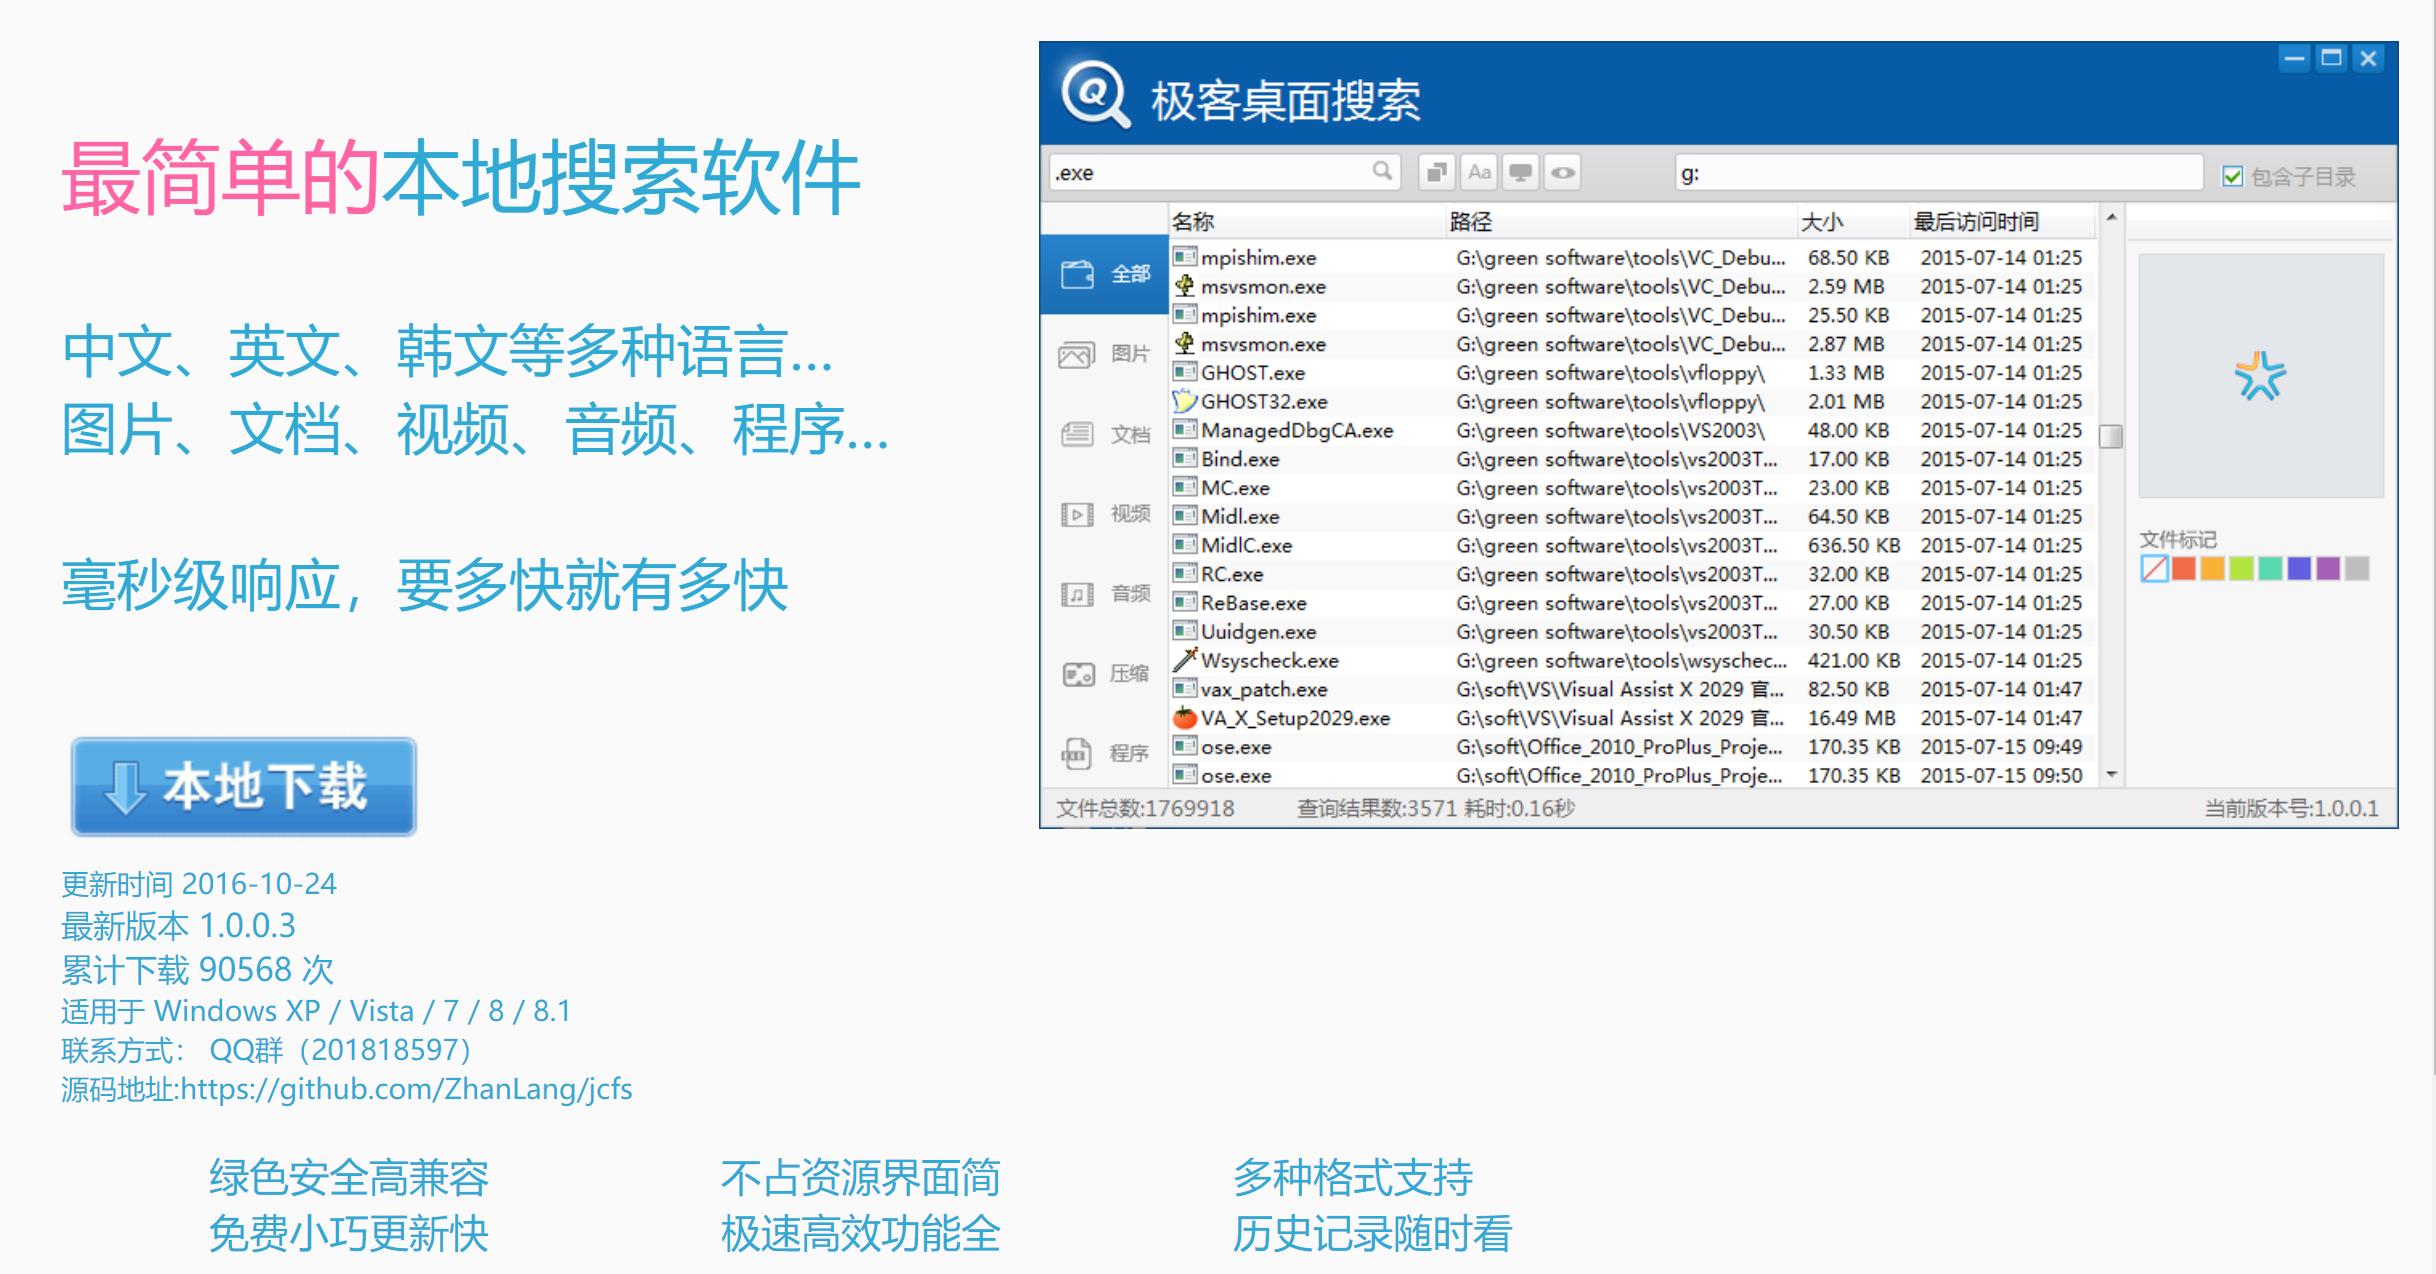 极客桌面搜索-Windows最快的资源搜索软件